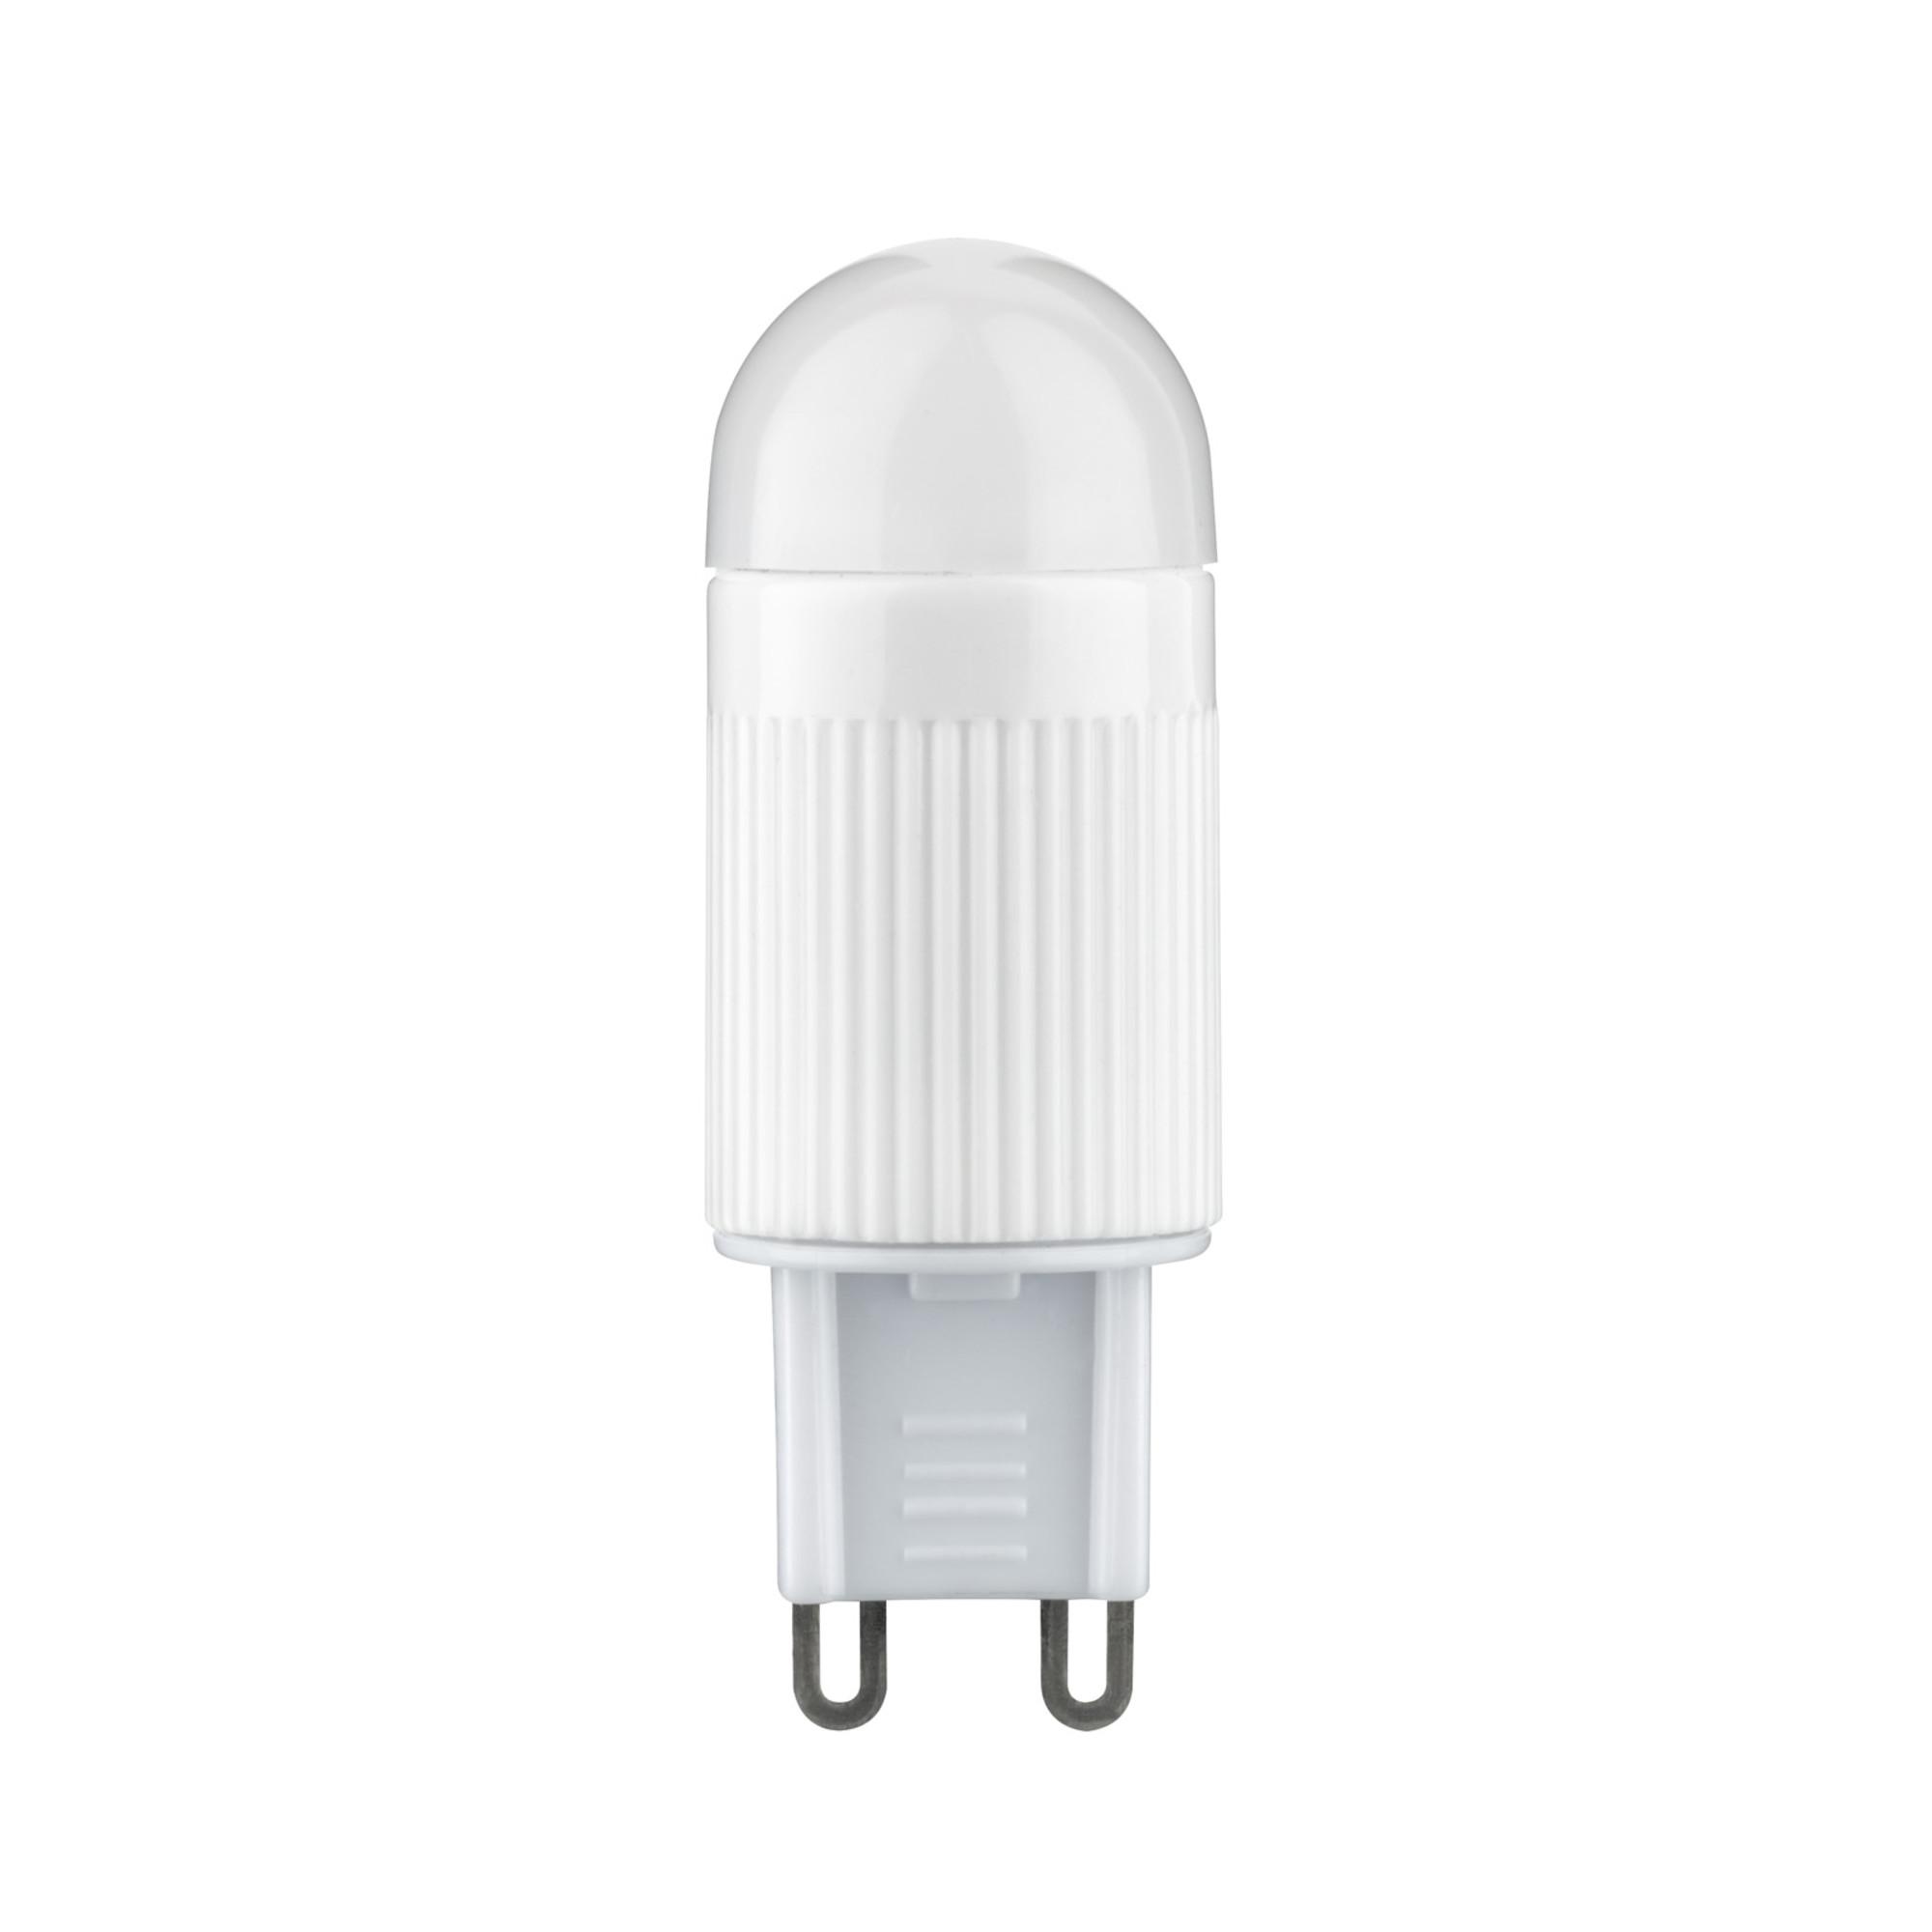 Лампа светодиодная Paulmann Штифтовый цоколь 2.4Вт 180лм 2700К G9 230В